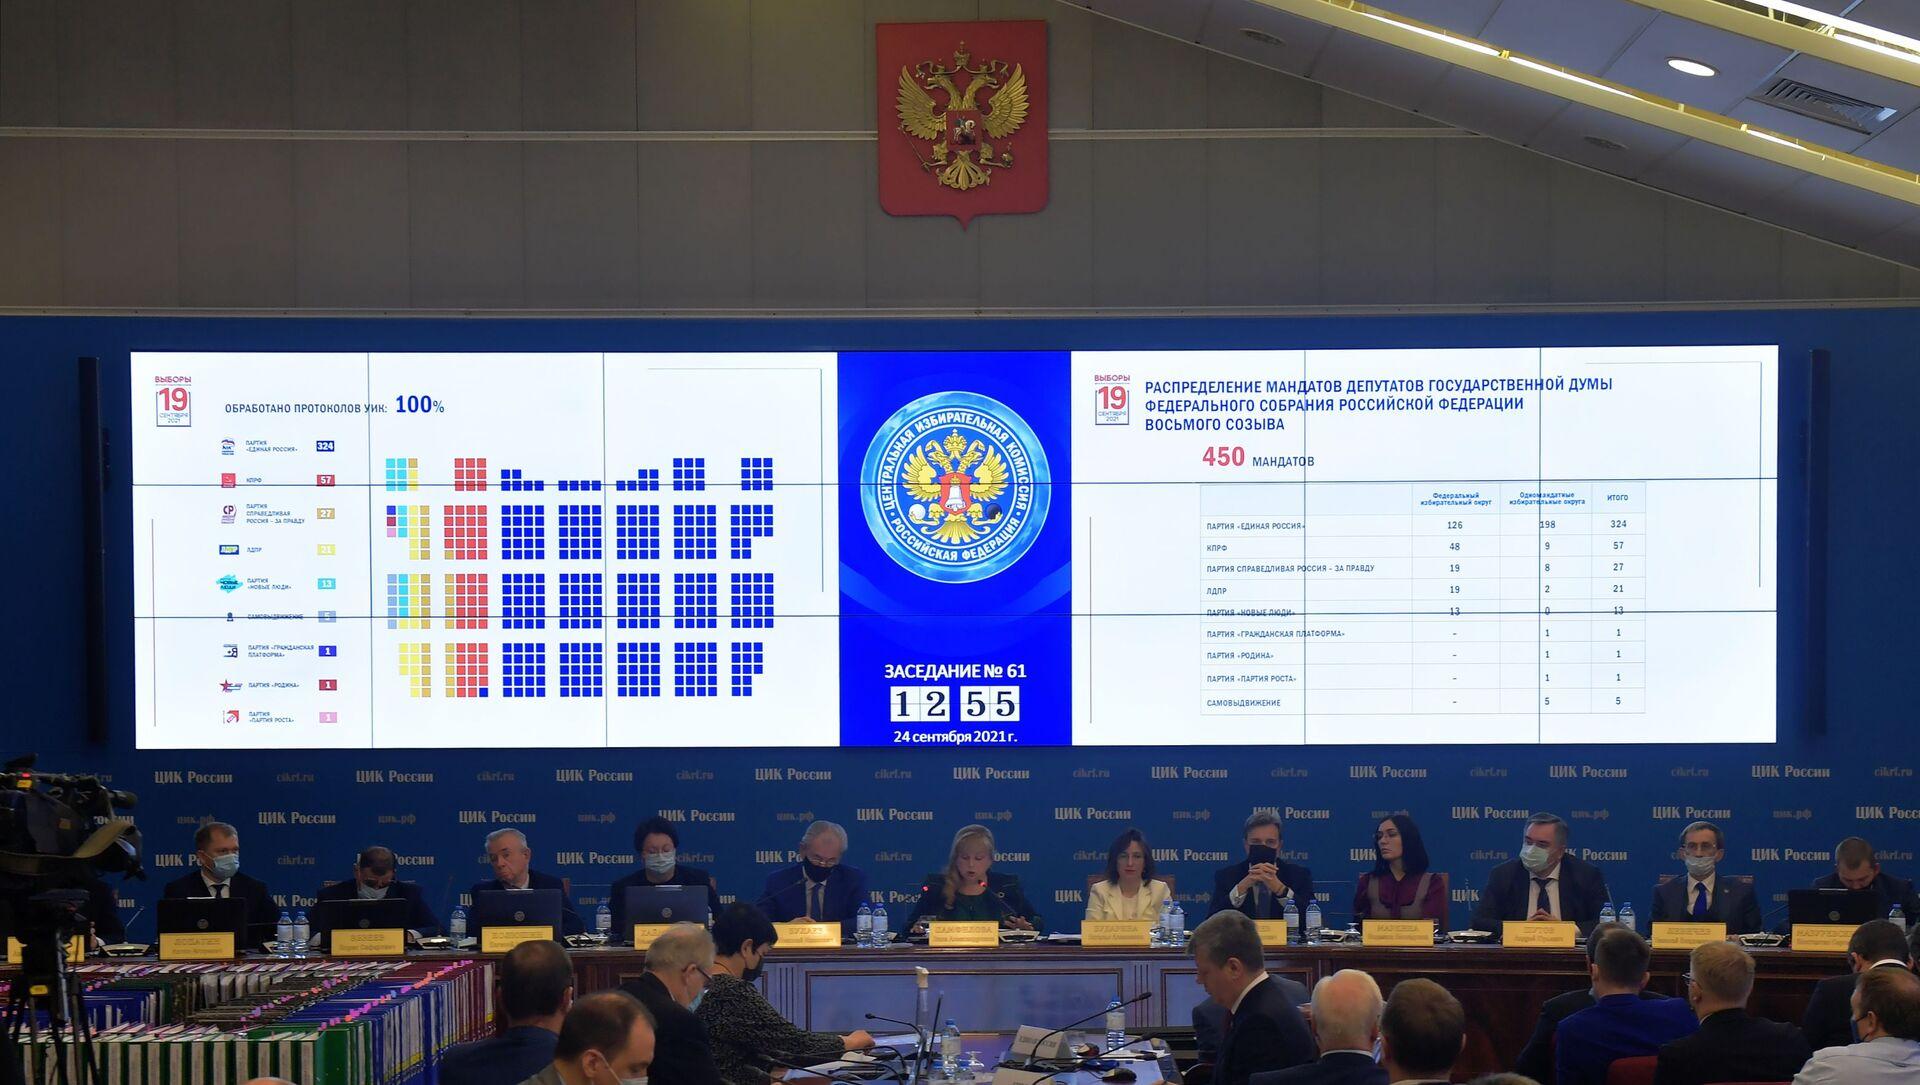 Подведение итогов выборов депутатов Госдумы восьмого созыва - Sputnik Абхазия, 1920, 26.09.2021